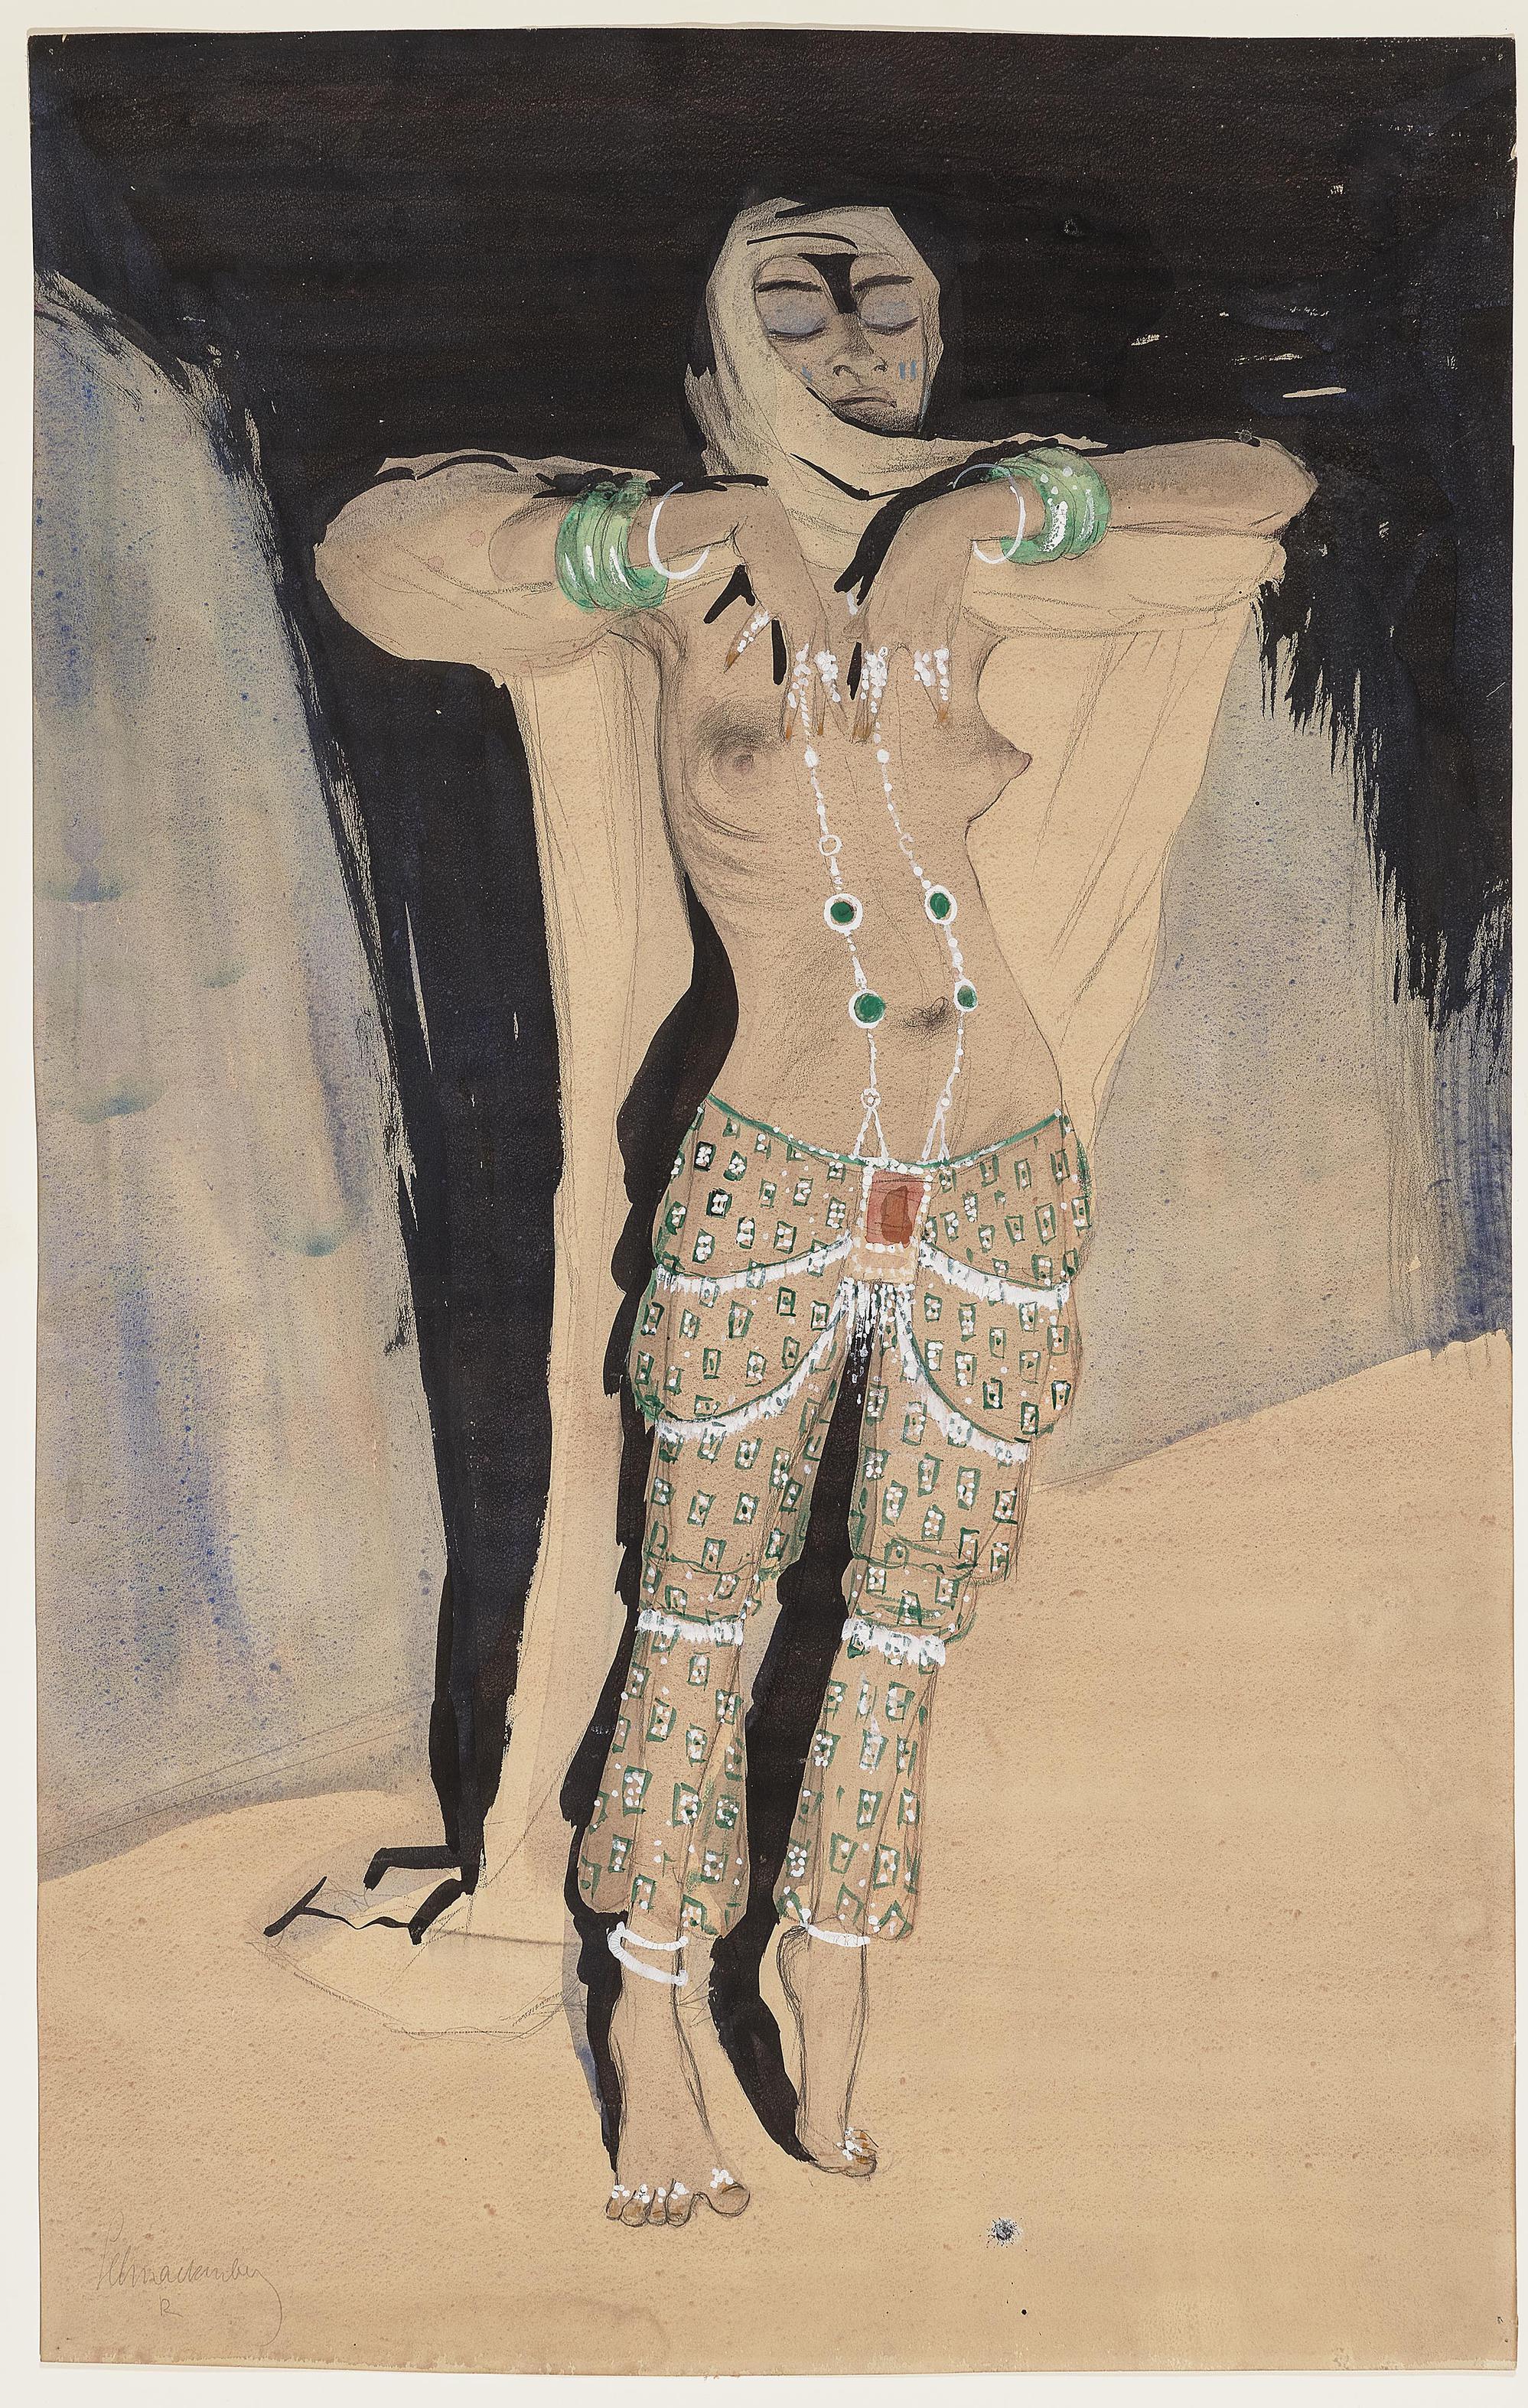 Walter Schnackenberg-Tanzerin (Dancer)-1912